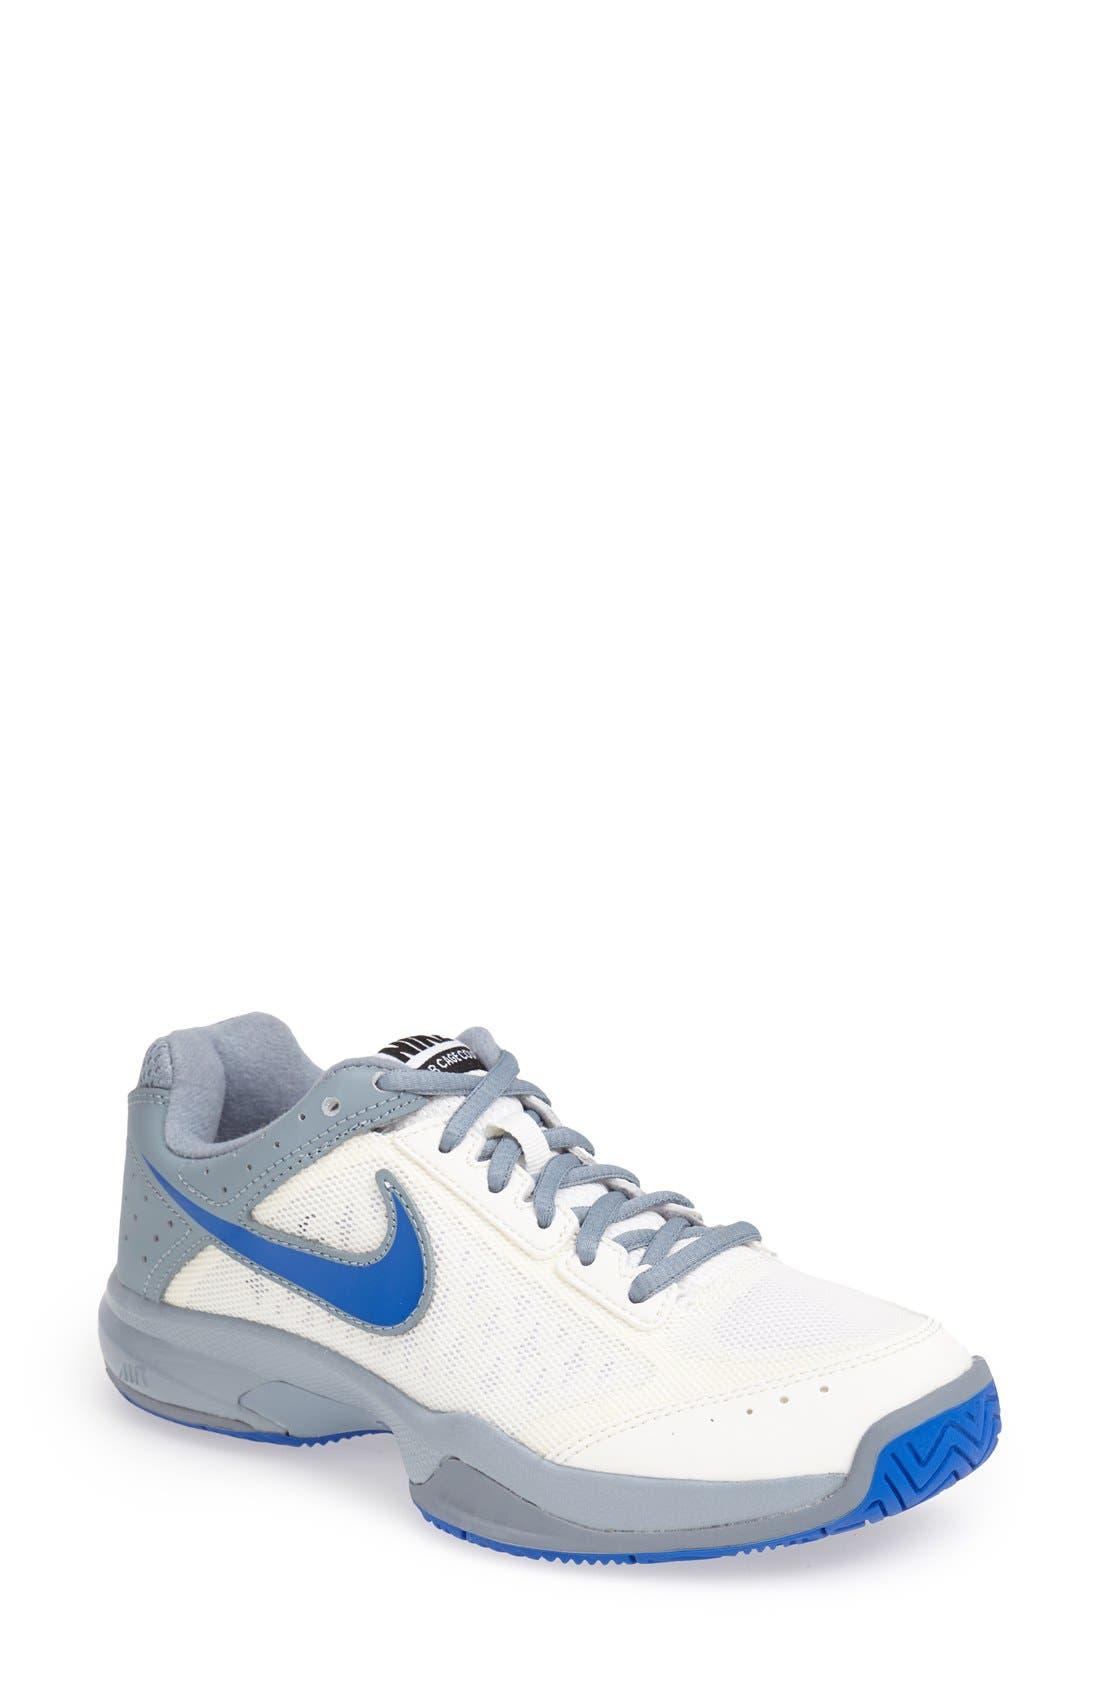 Main Image - Nike 'Air Cage Court' Tennis Shoe (Women) (Regular Retail Price: $70.00)